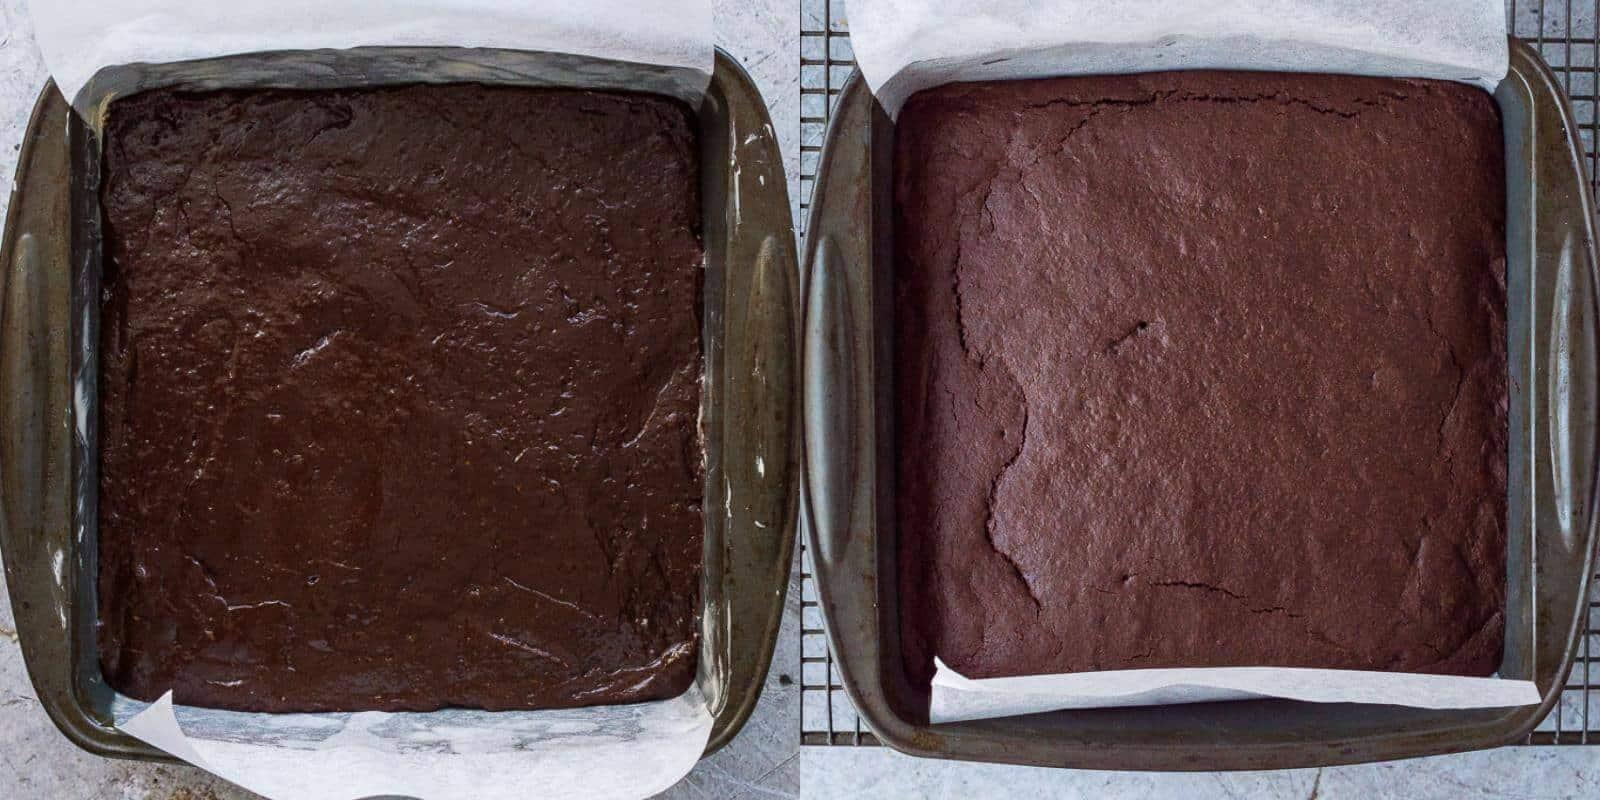 vegan mulled wine brownies step 4 - baking the brownies